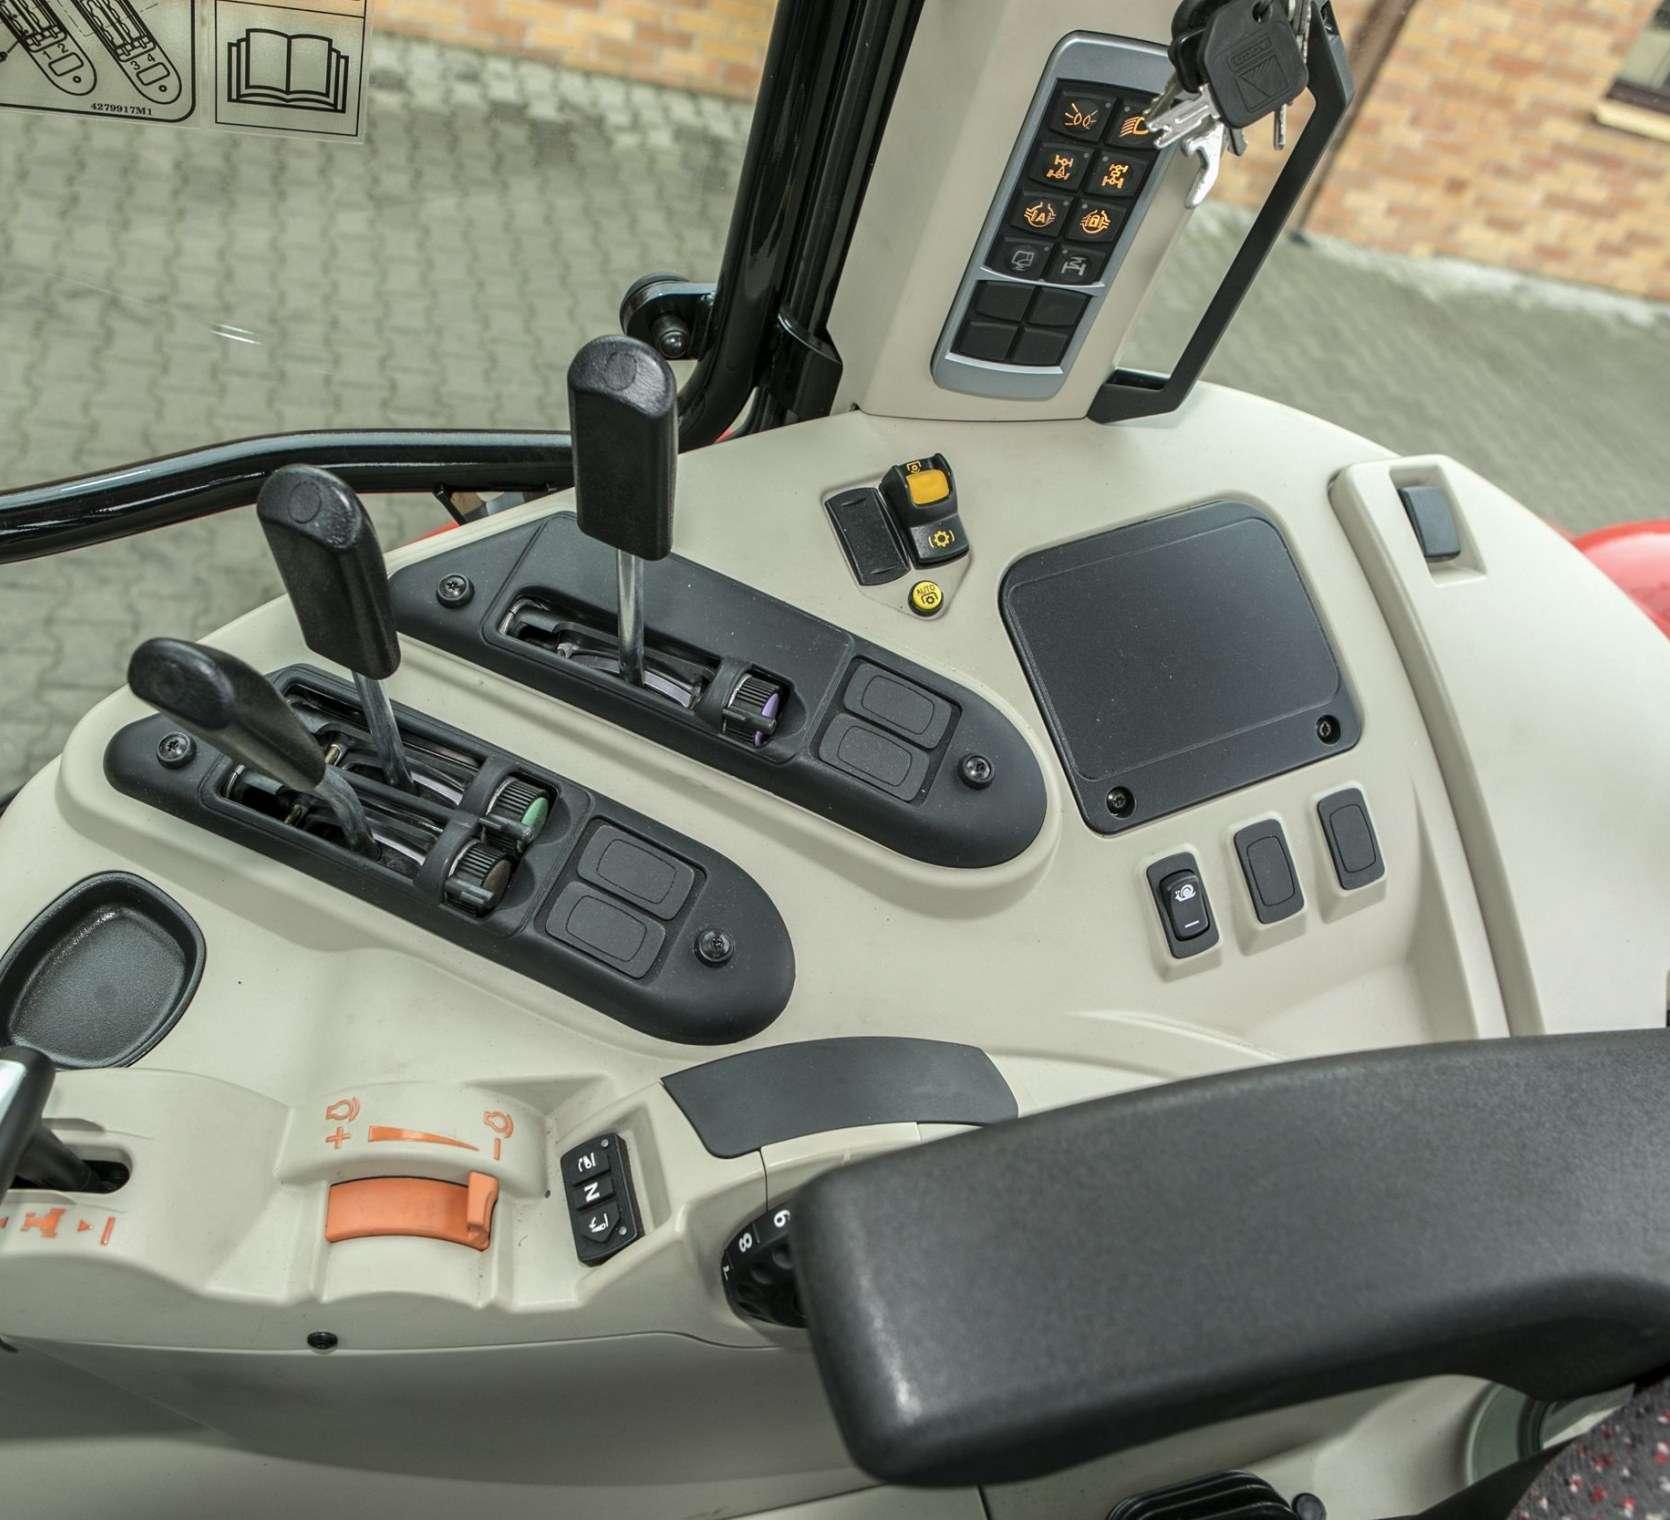 Przybliżenie na dźwignie sterujące w kabinie traktora Massey Ferguson 5611 od korbanka